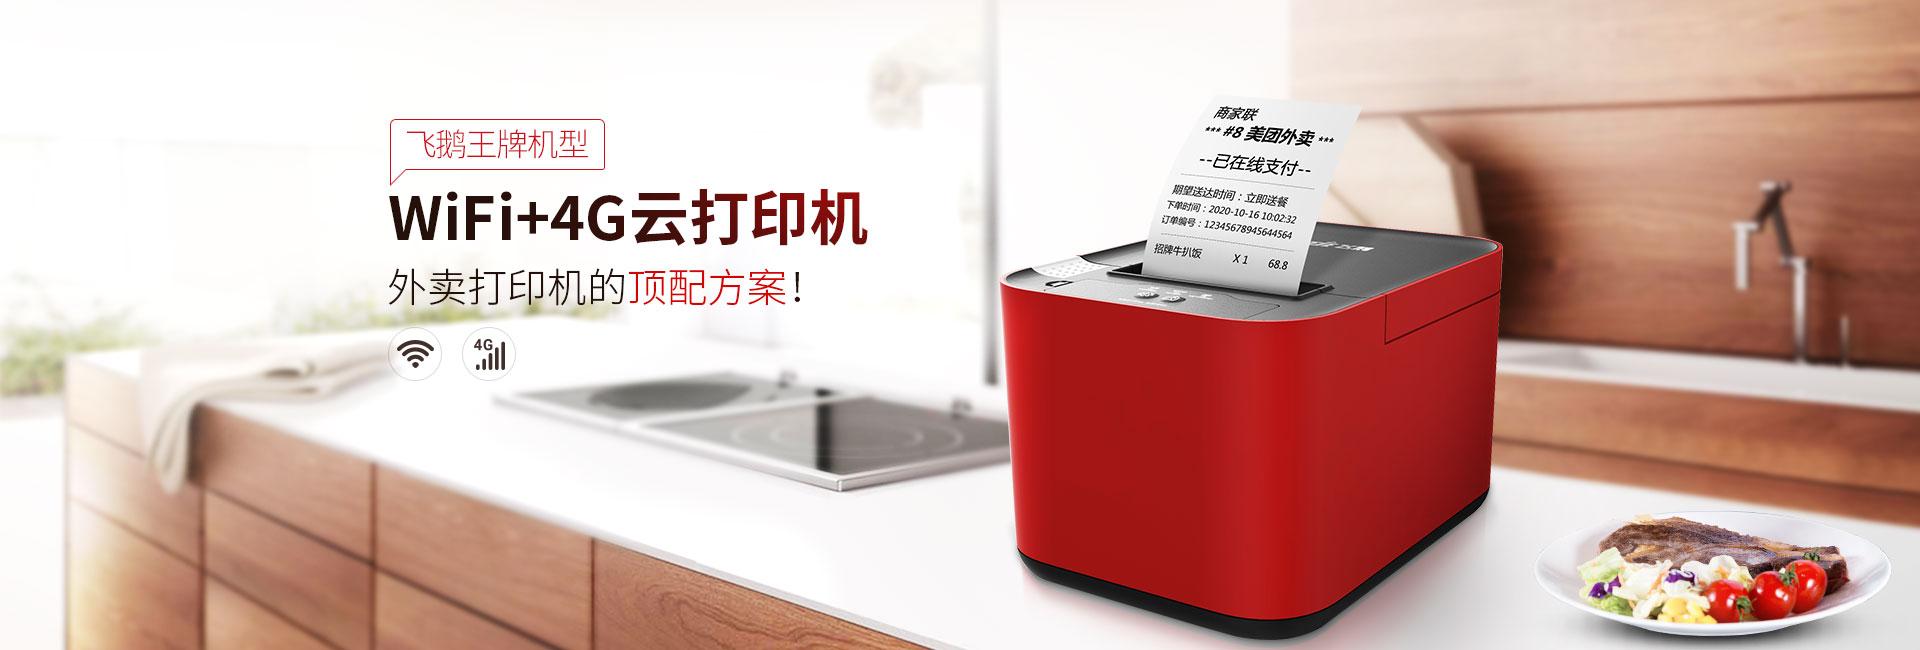 飞鹅王牌机型WiFi+4G云打印机,外卖打印机的顶配方案cq9电子在线官网-cq9电子在线官网官方网站!